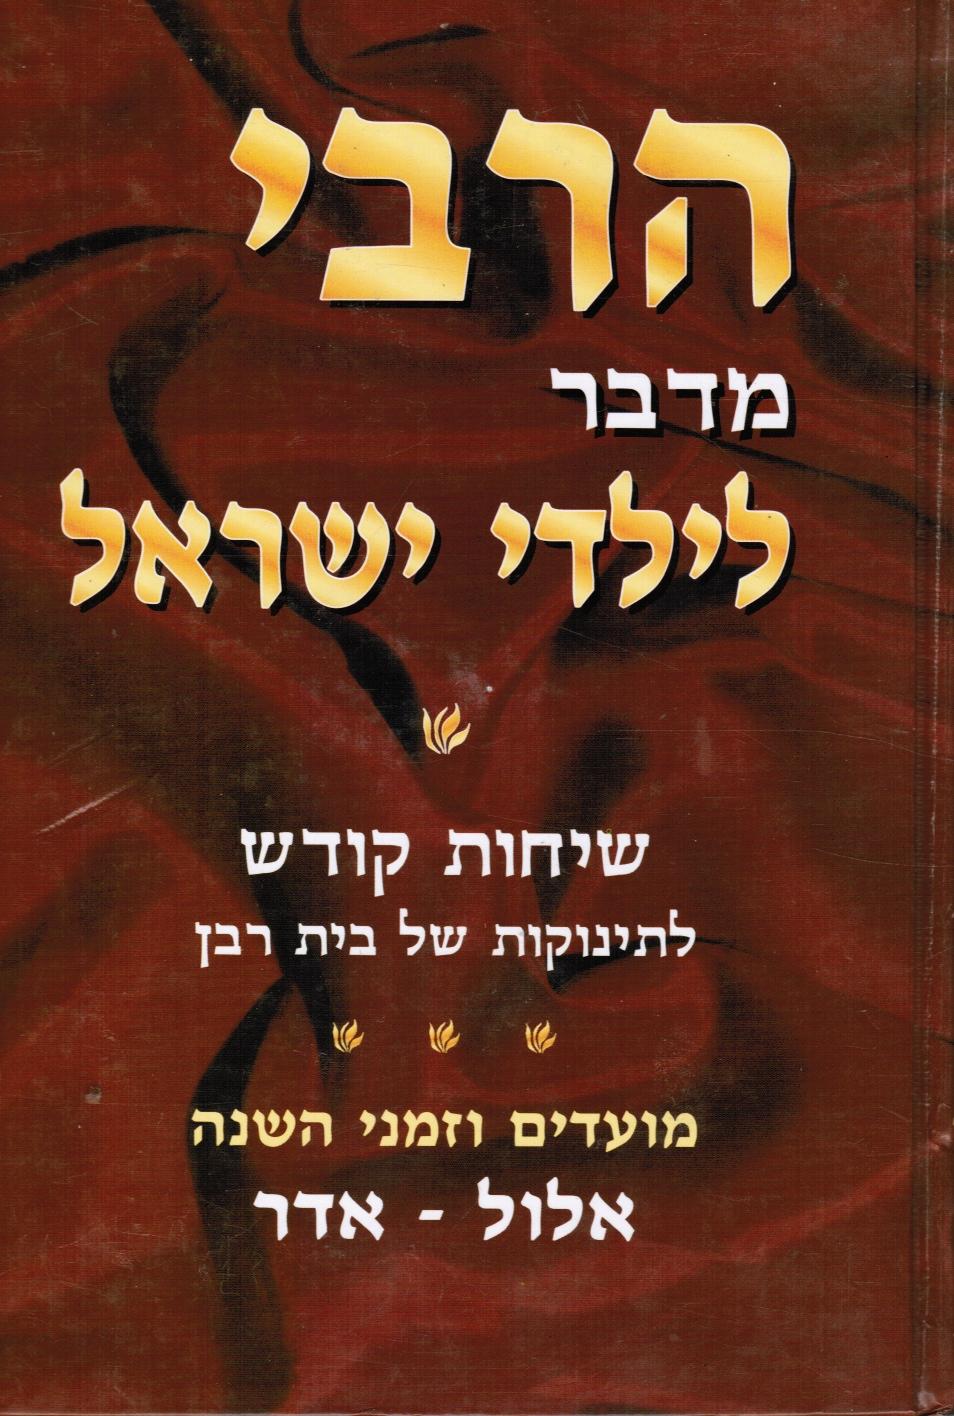 Image for Ha-Rabi Medaber Le-Yalde Yisroel (The Rebbe Speaks to Children)